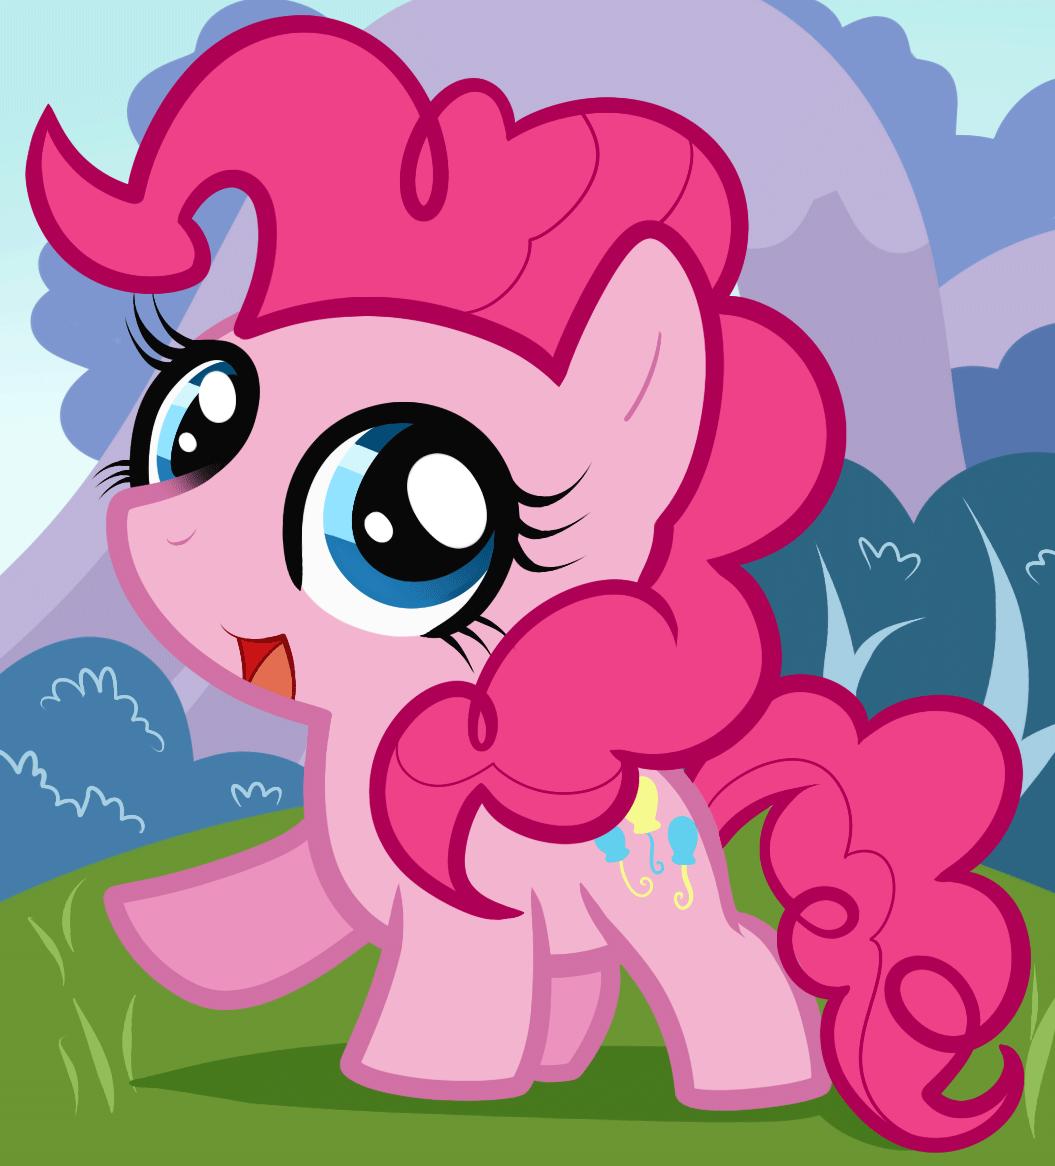 Pinkie Pie, My Little Pony Chibi by Dragoart